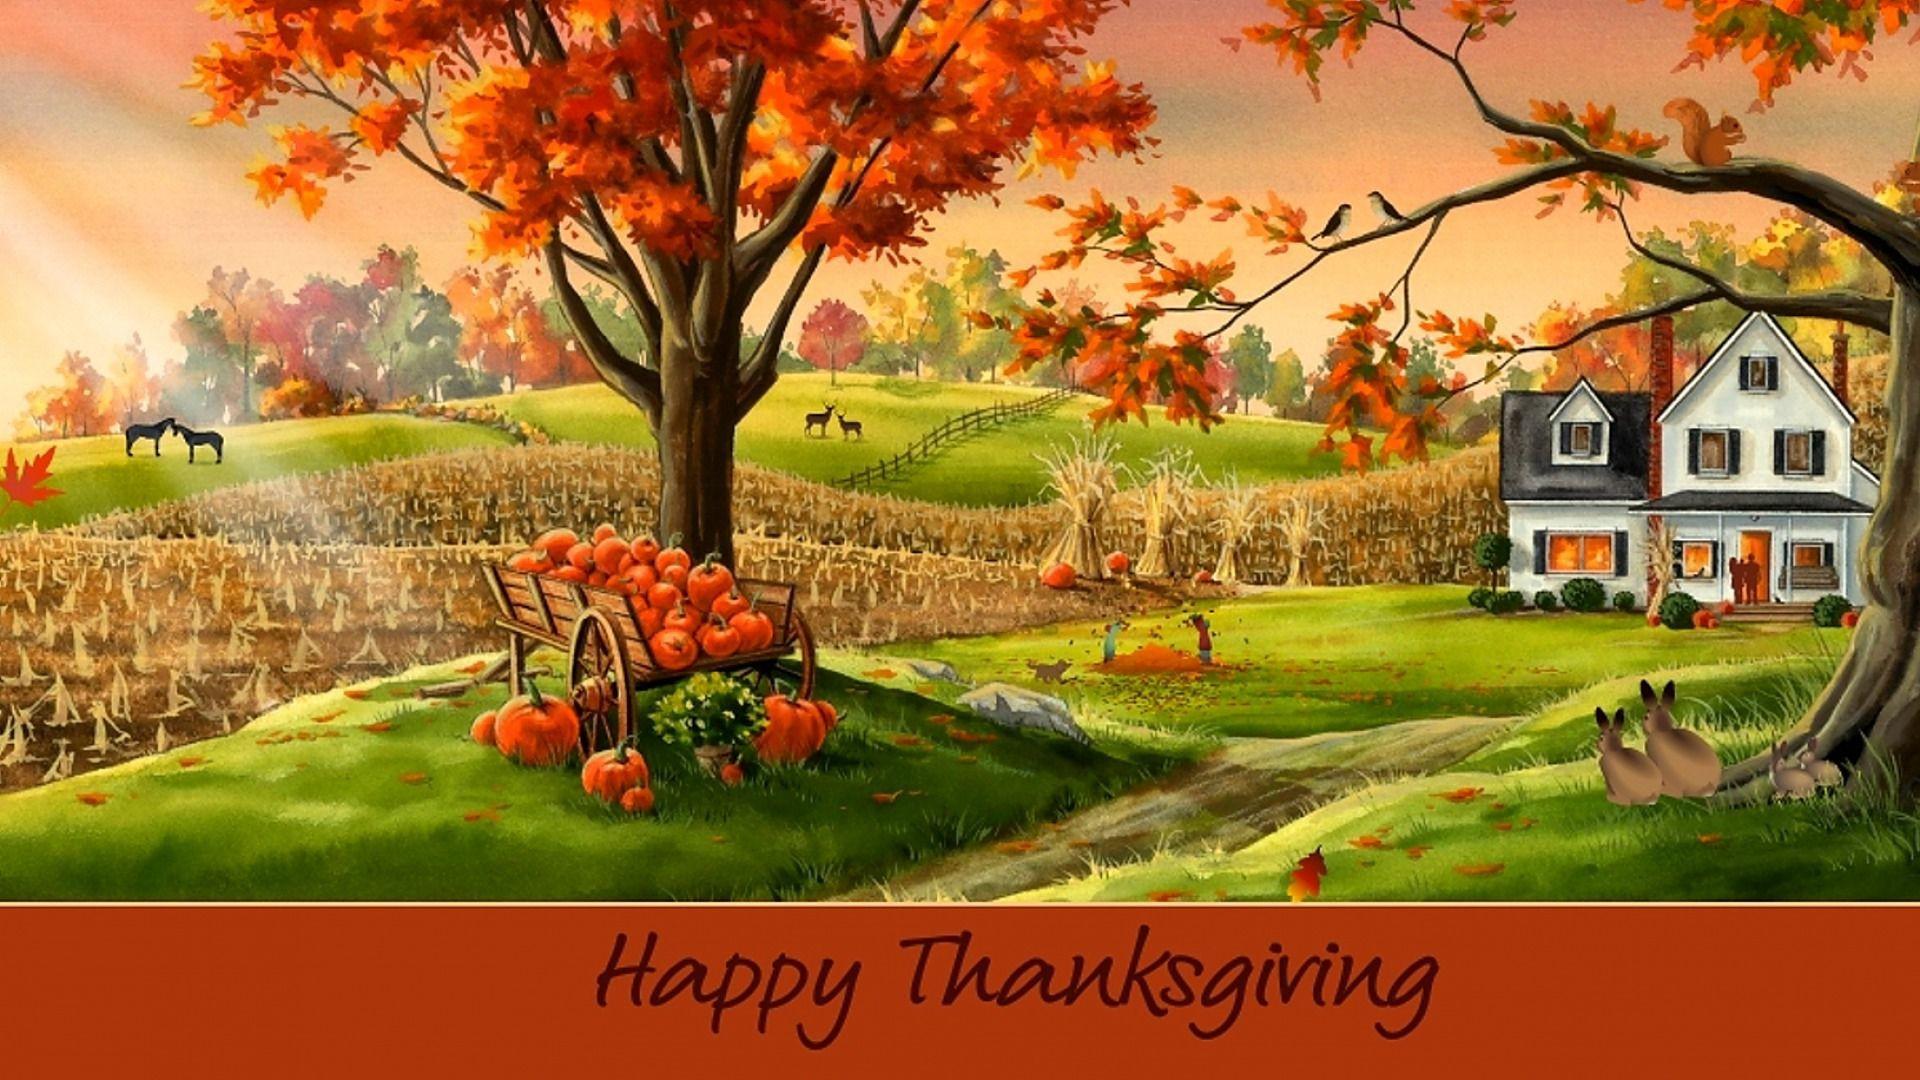 thanksgiving hd wallpaper widescreen 1920x1080 - photo #4